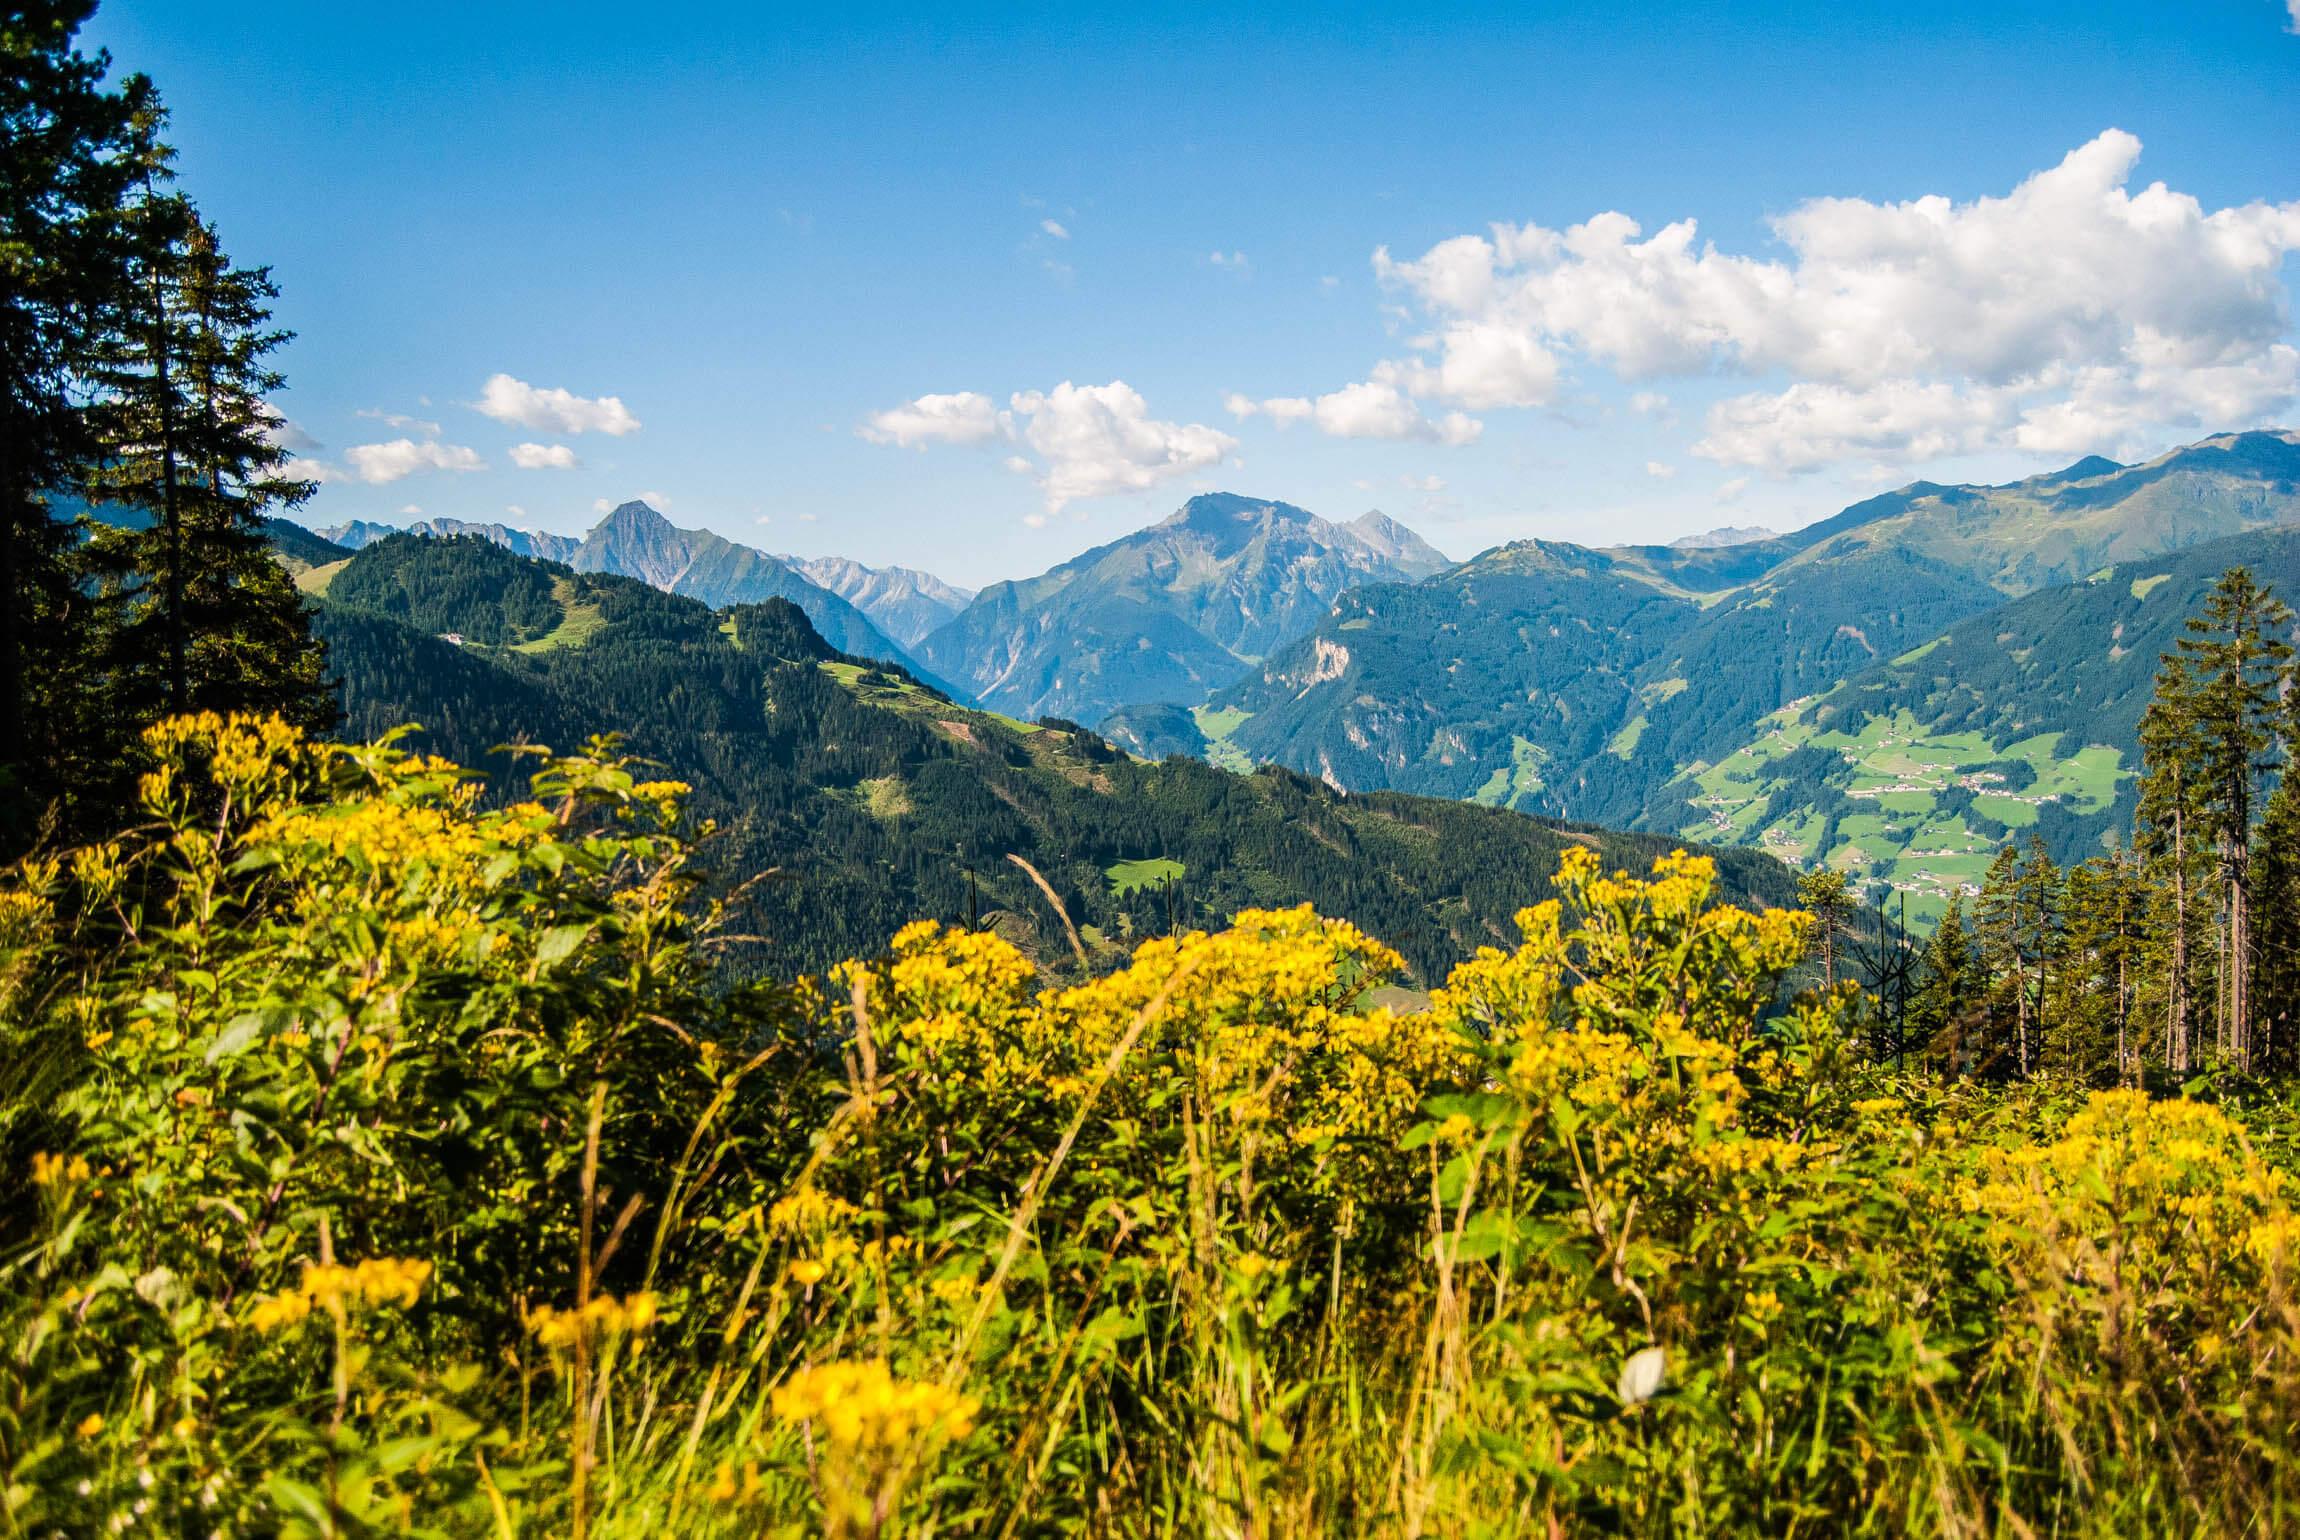 Alpenblick kurz nach der Mittelstation